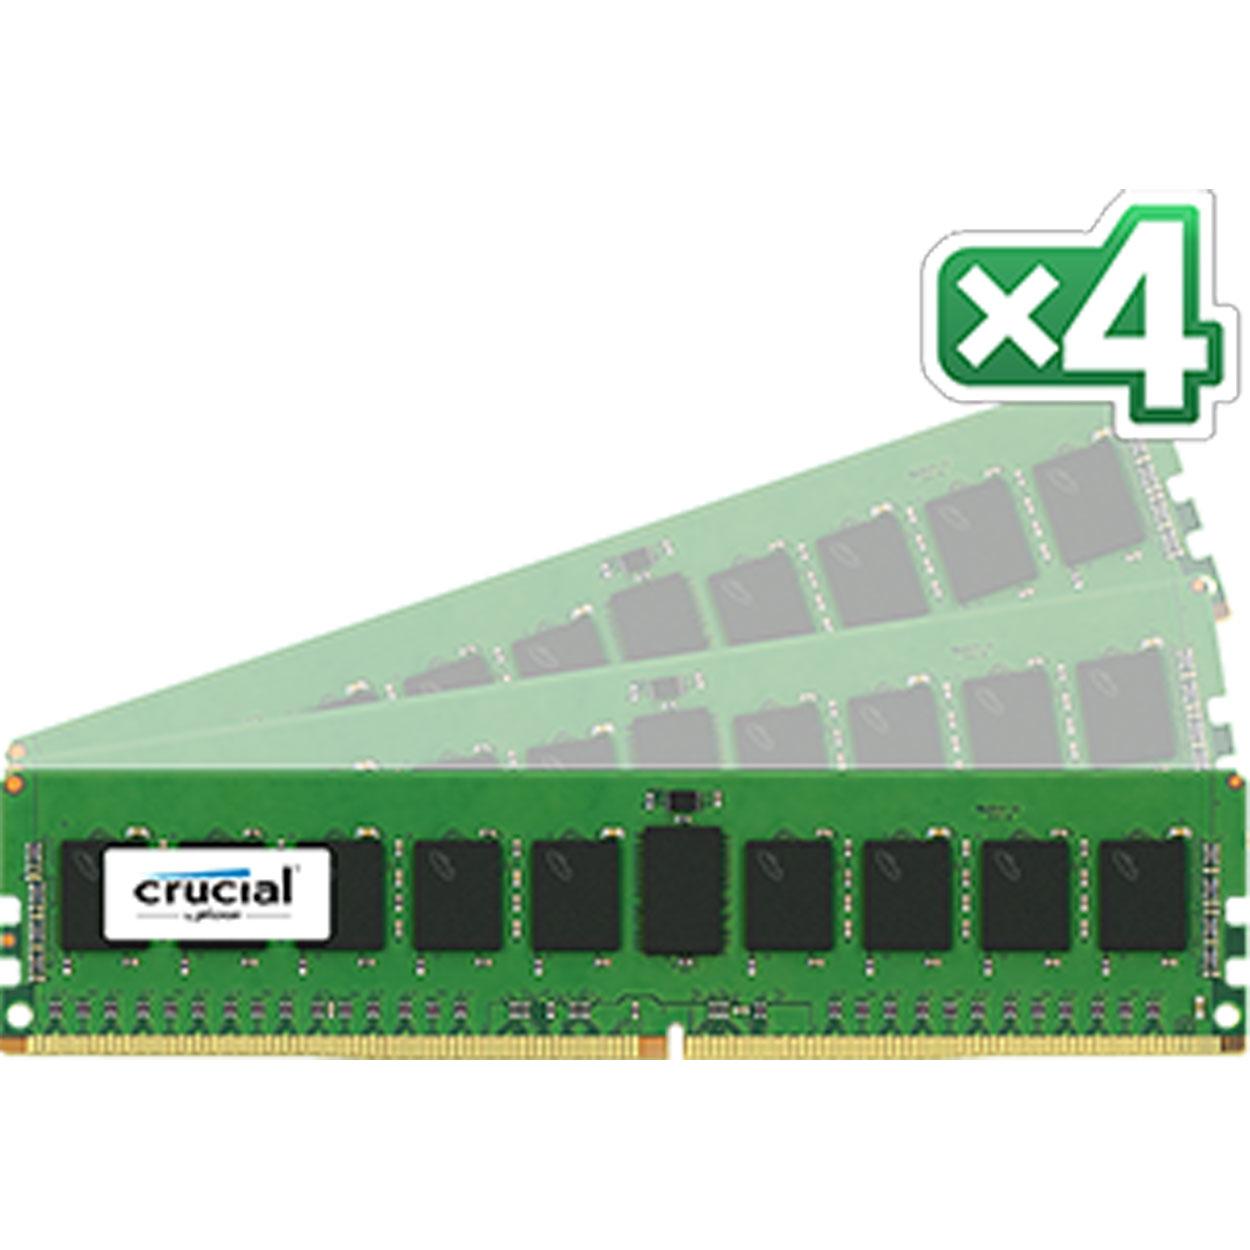 Mémoire PC Crucial DDR4 32 Go (4 x 8 Go) 2133 MHz CL15 ECC Registered SR X4 Kit Quad Channel RAM DDR4 PC4-17000 - CT4K8G4RFS4213 (garantie 10 ans par Crucial)